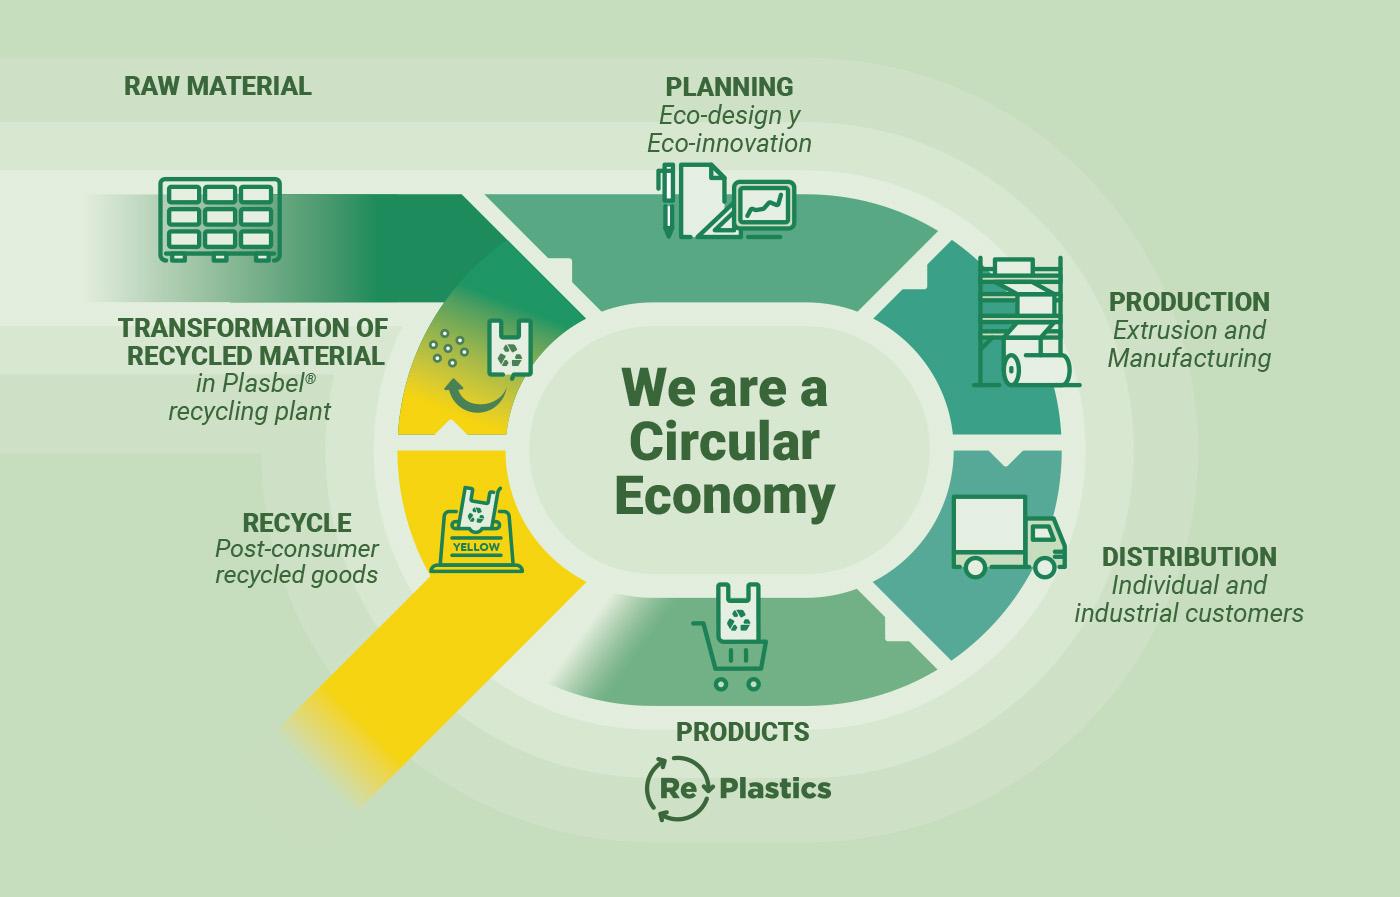 Plasbel Circular Economy Diagram